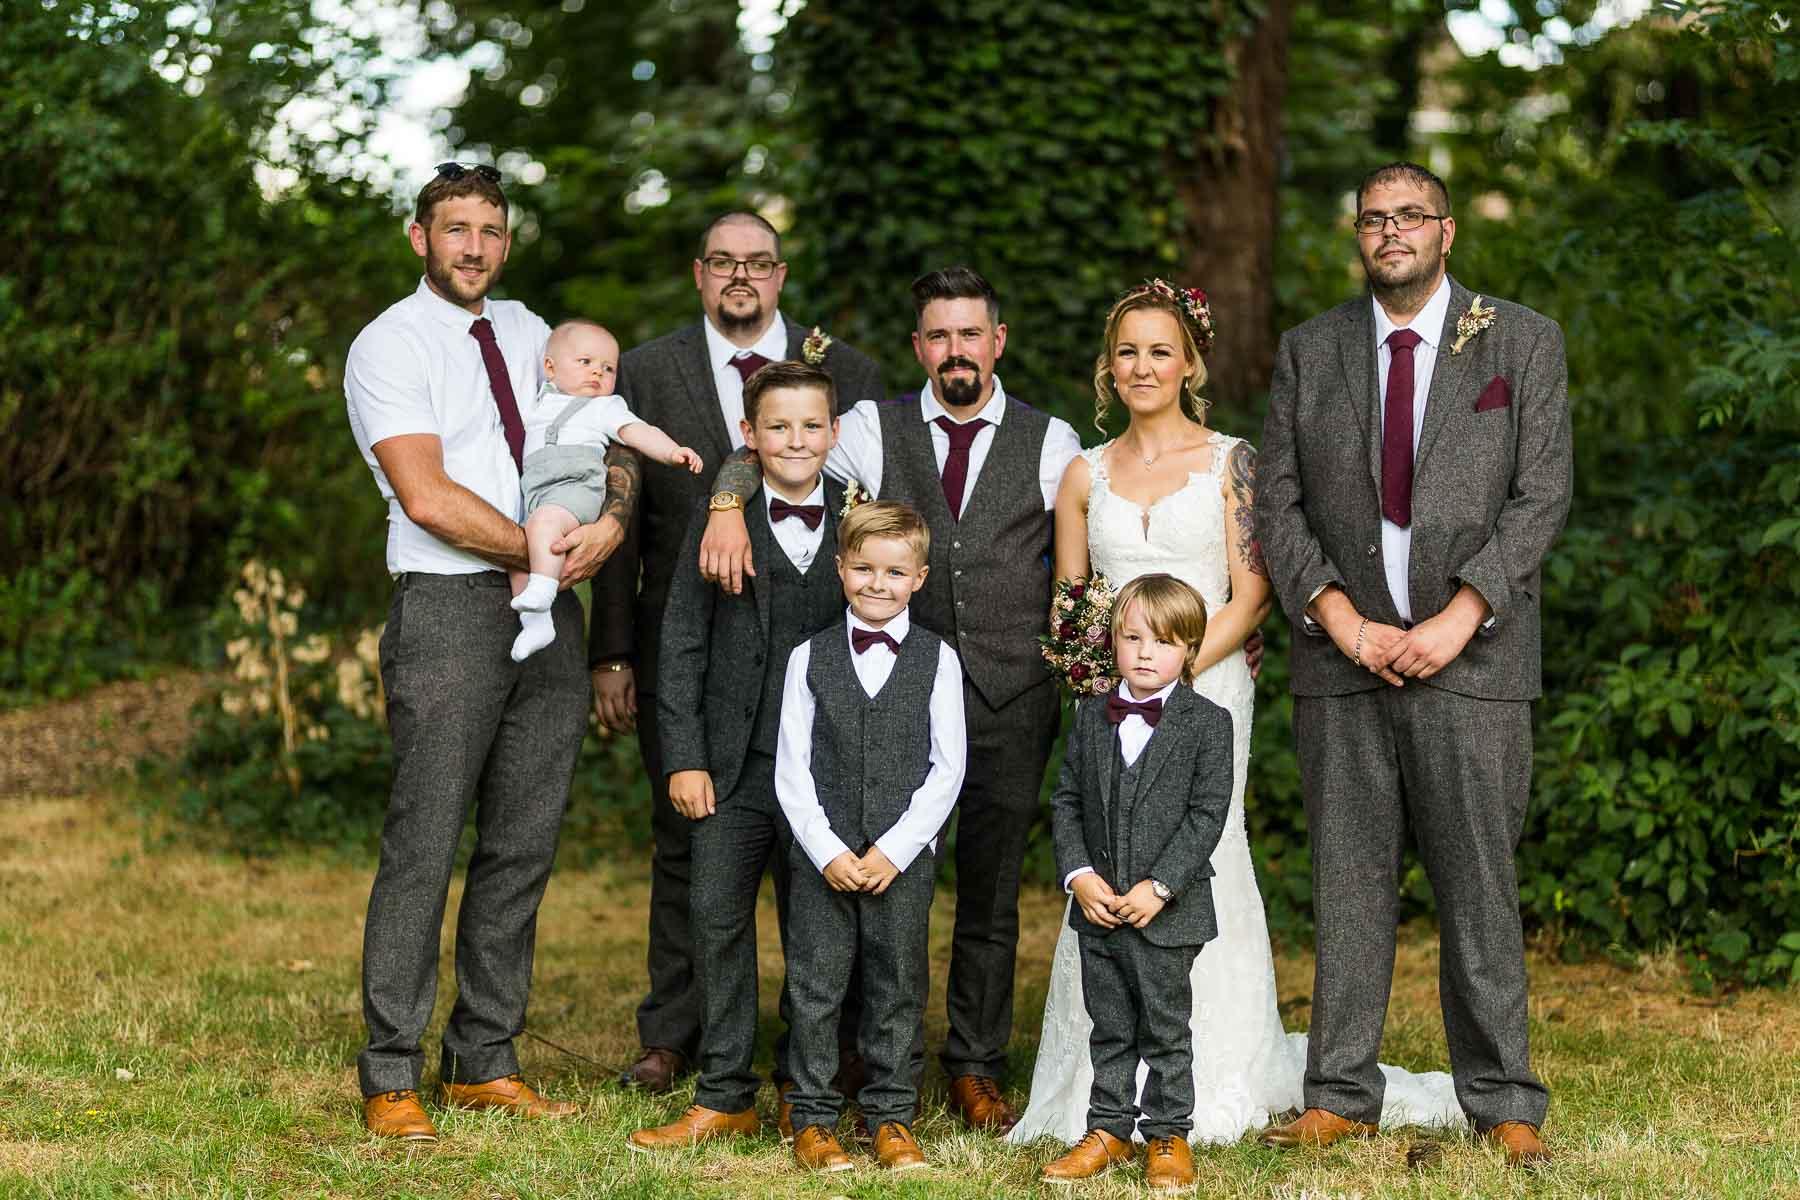 Wedding party photo at the barns hunsbury